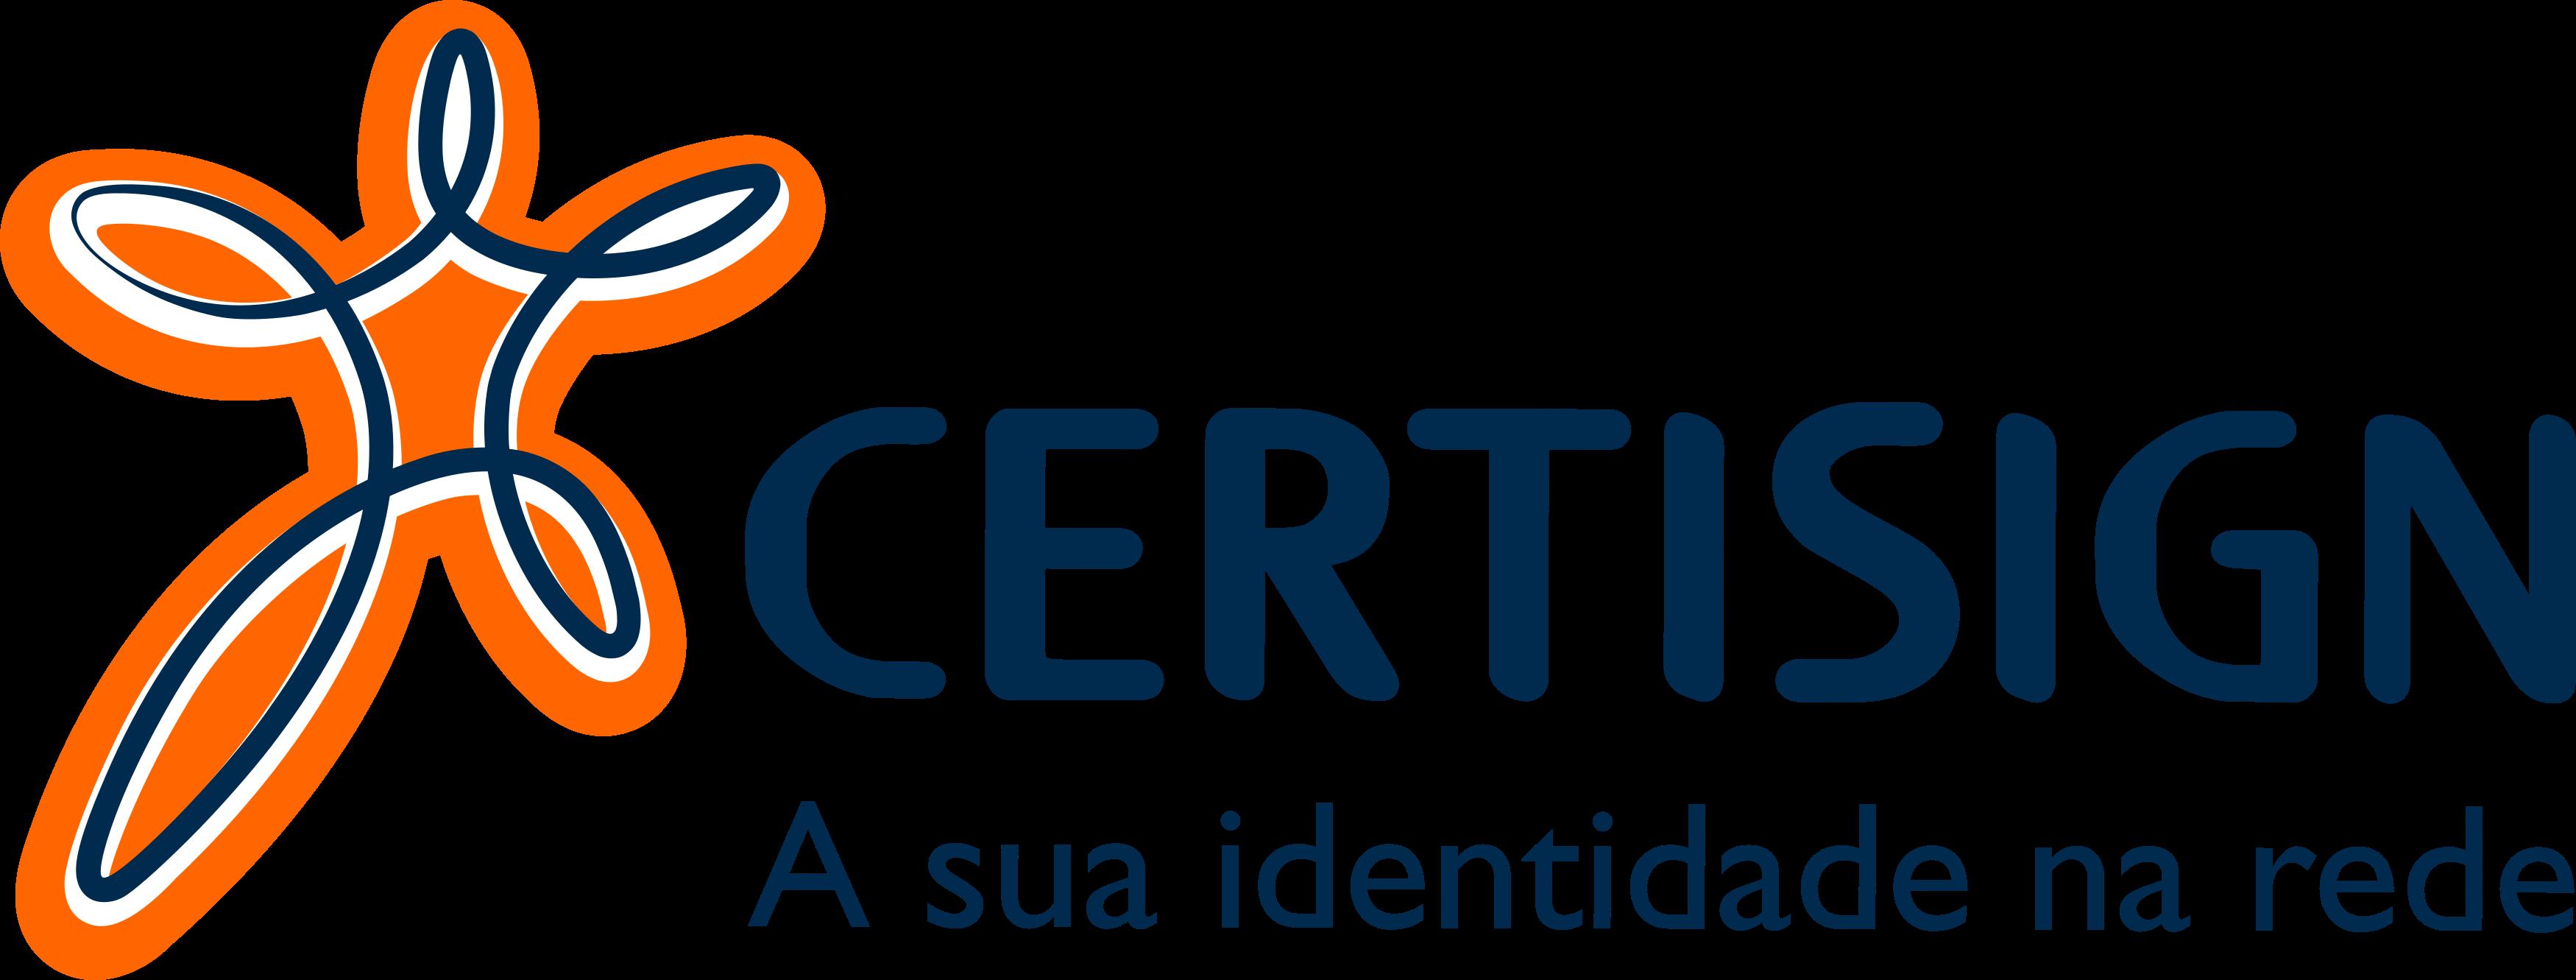 certisign-logo-1